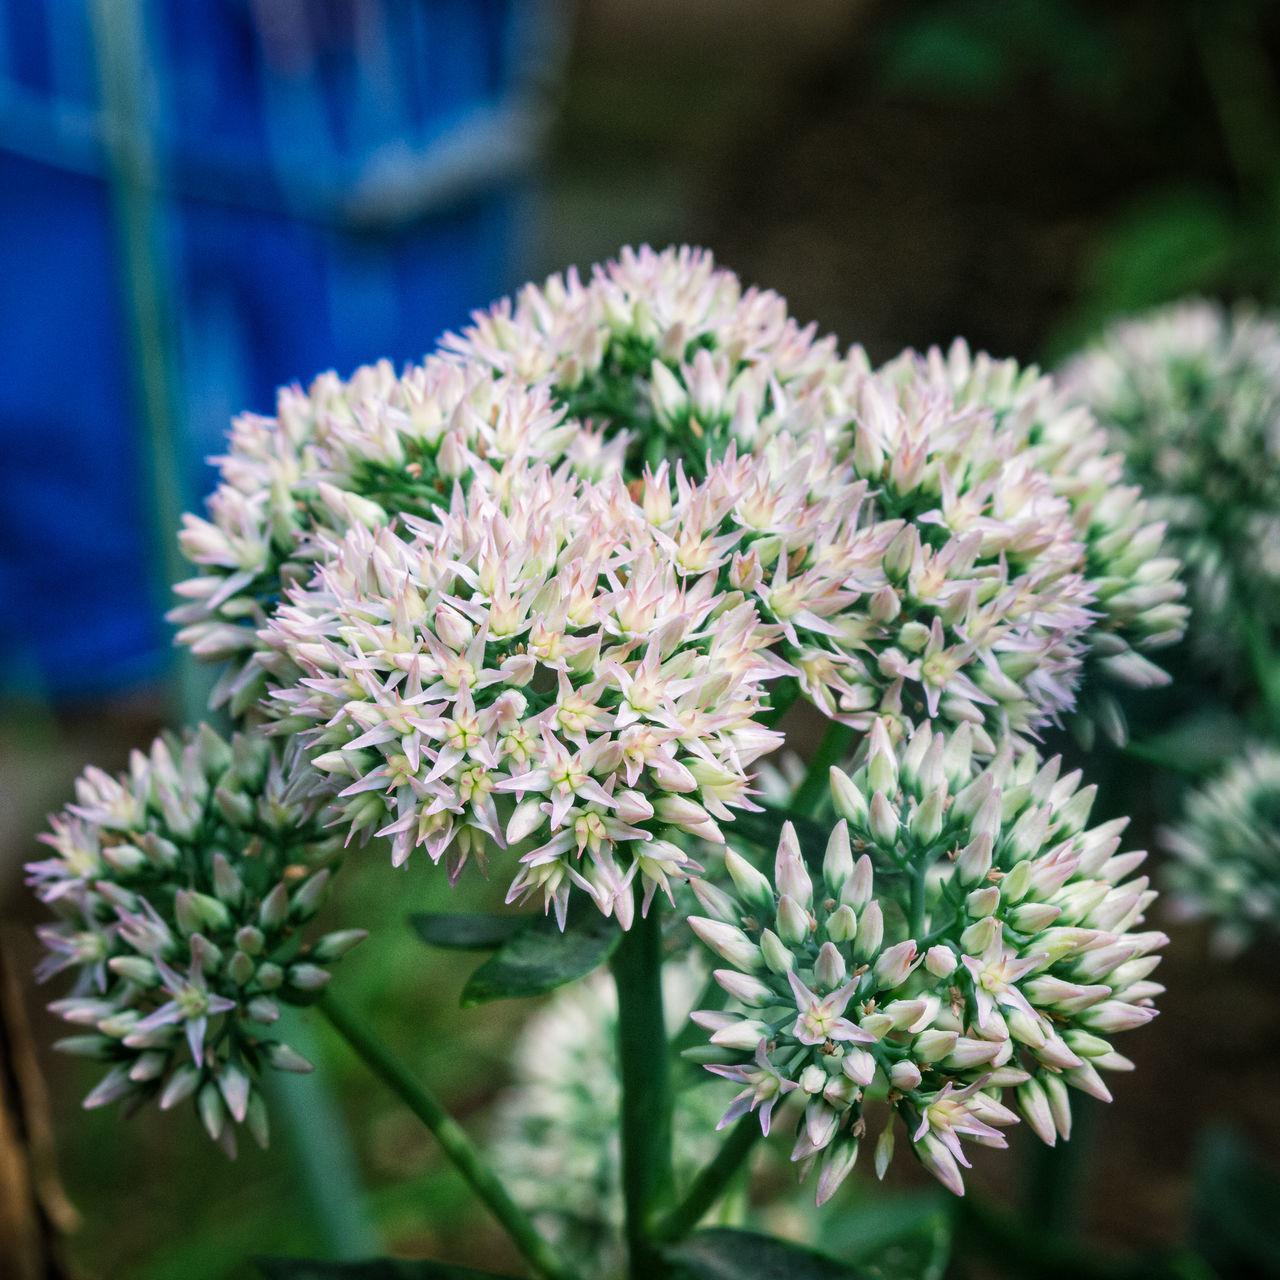 leek flowers Blooming Close-up Day Flower Flower Head Growth Leek No People Outdoors Plant Vegetable Garden Vegetables